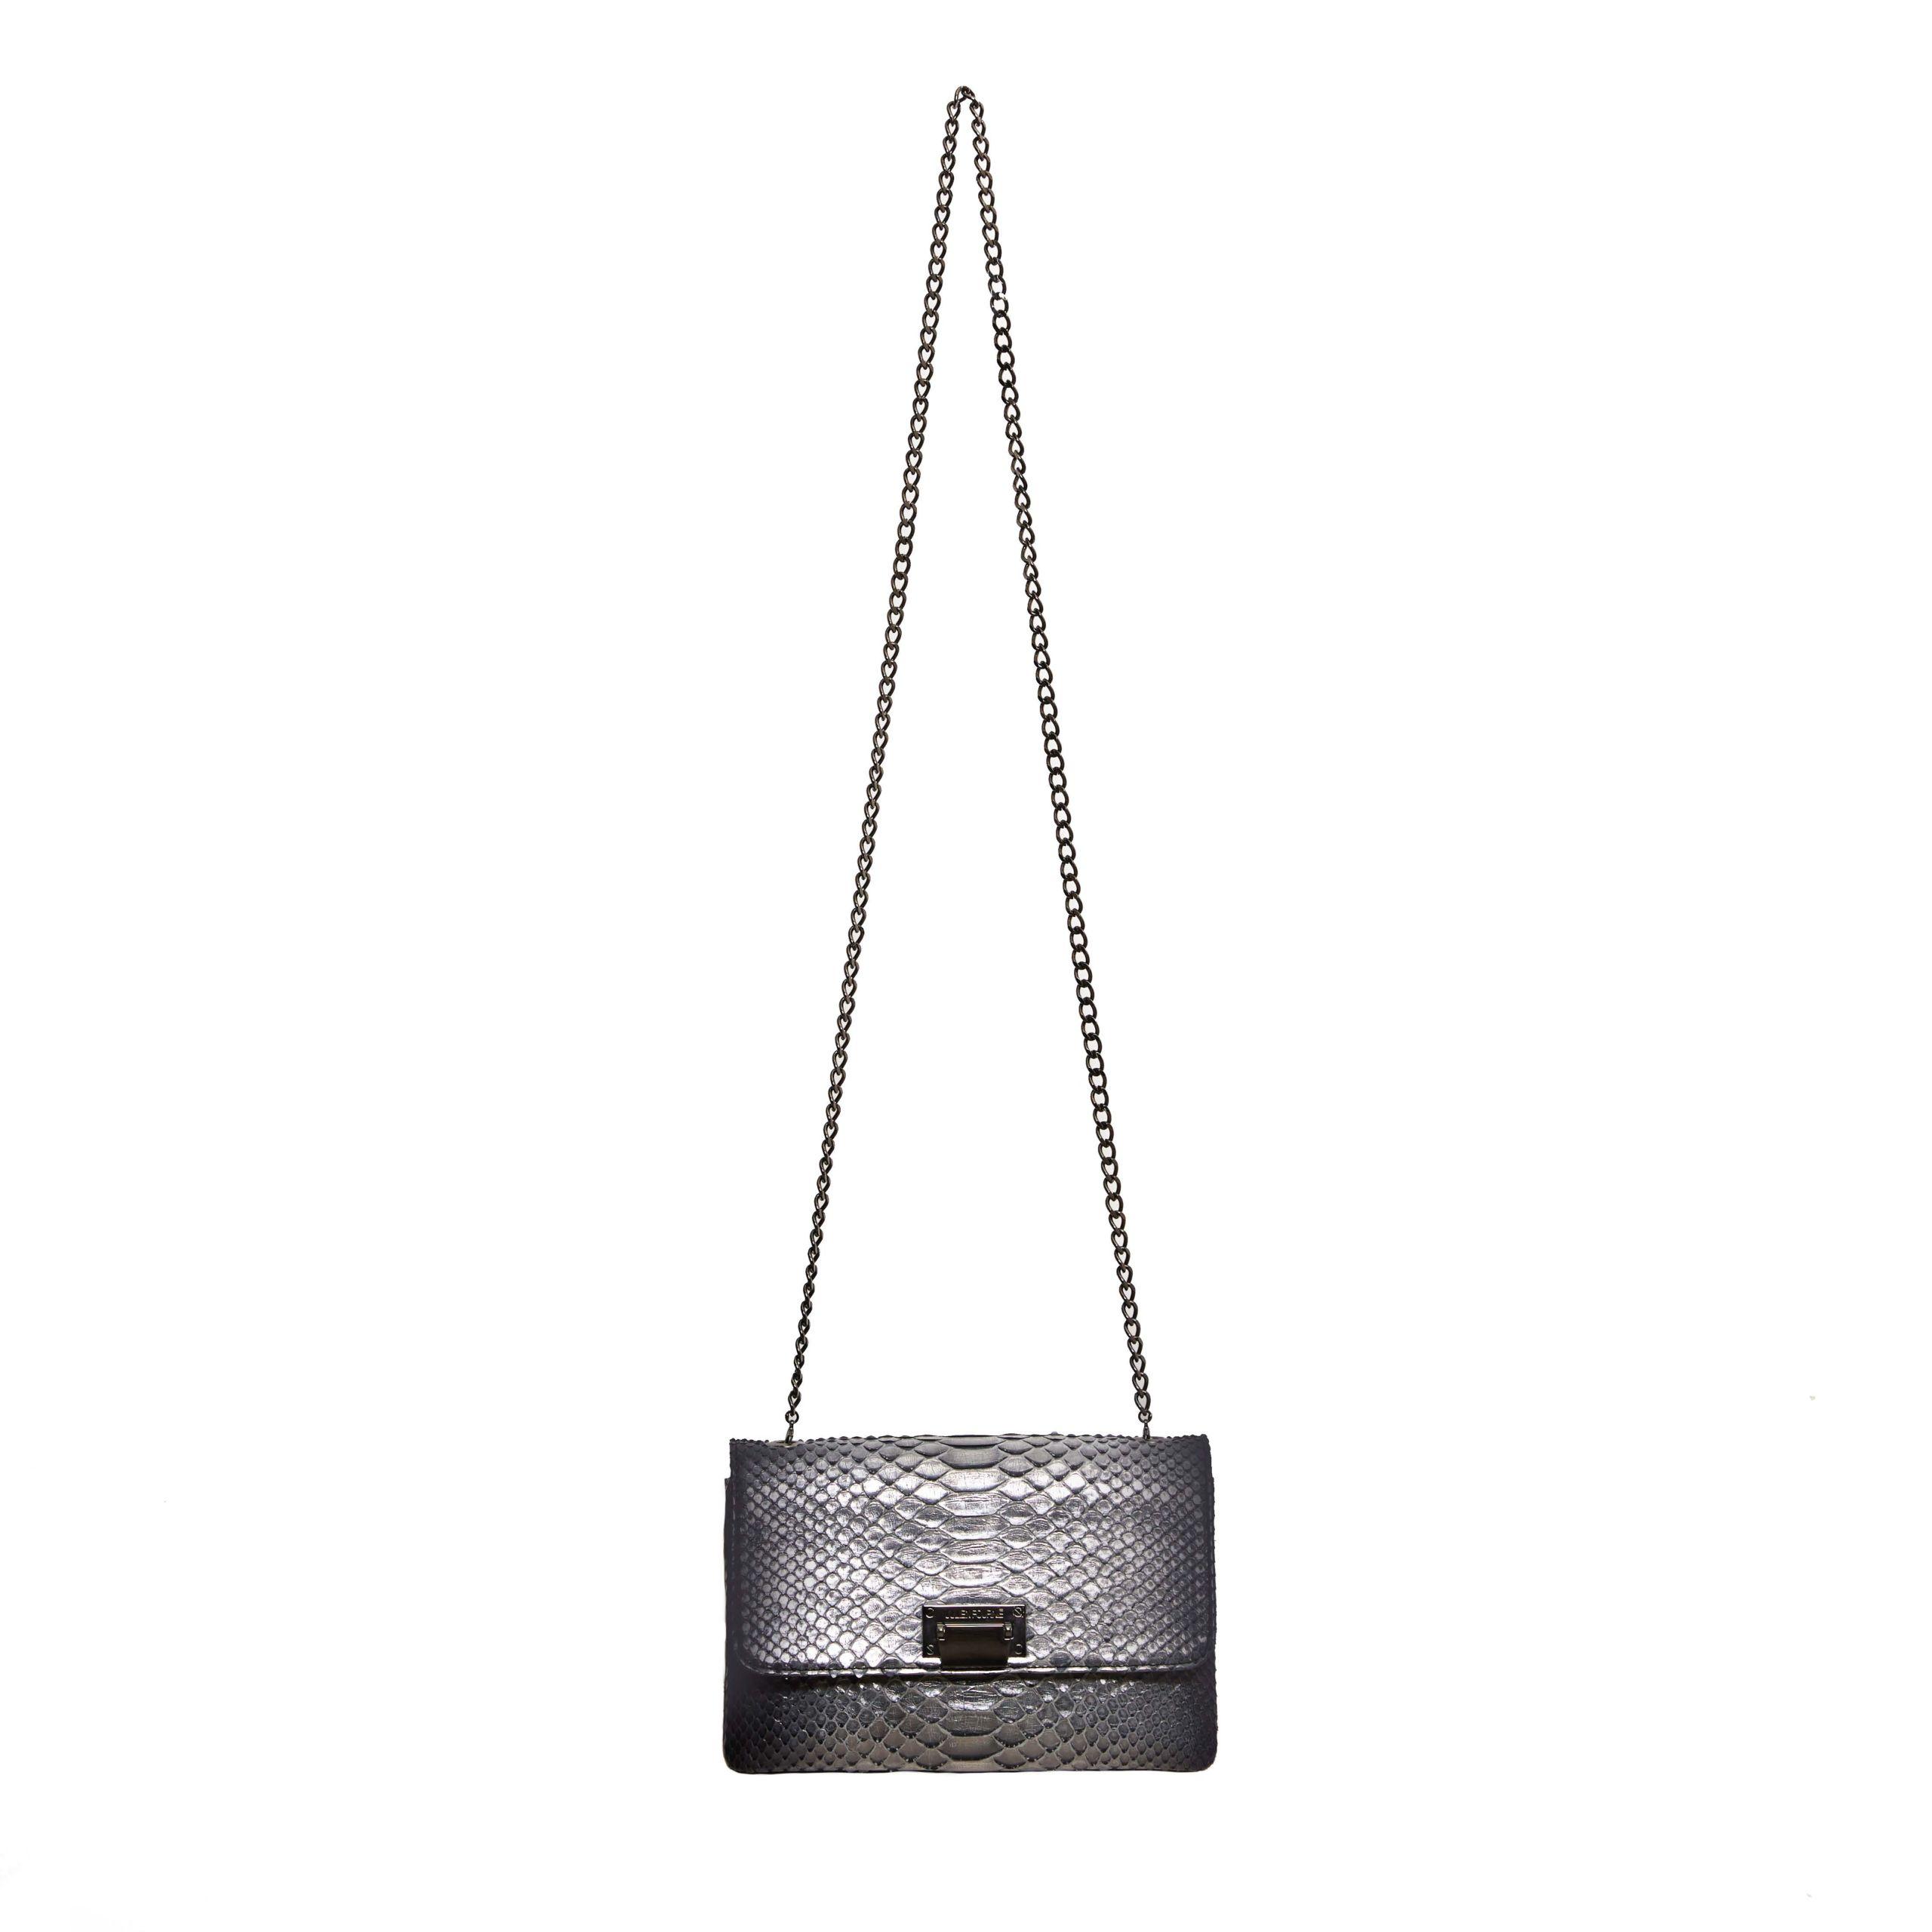 Shadow Luxury Julien Fournié Haute Couture Handbag